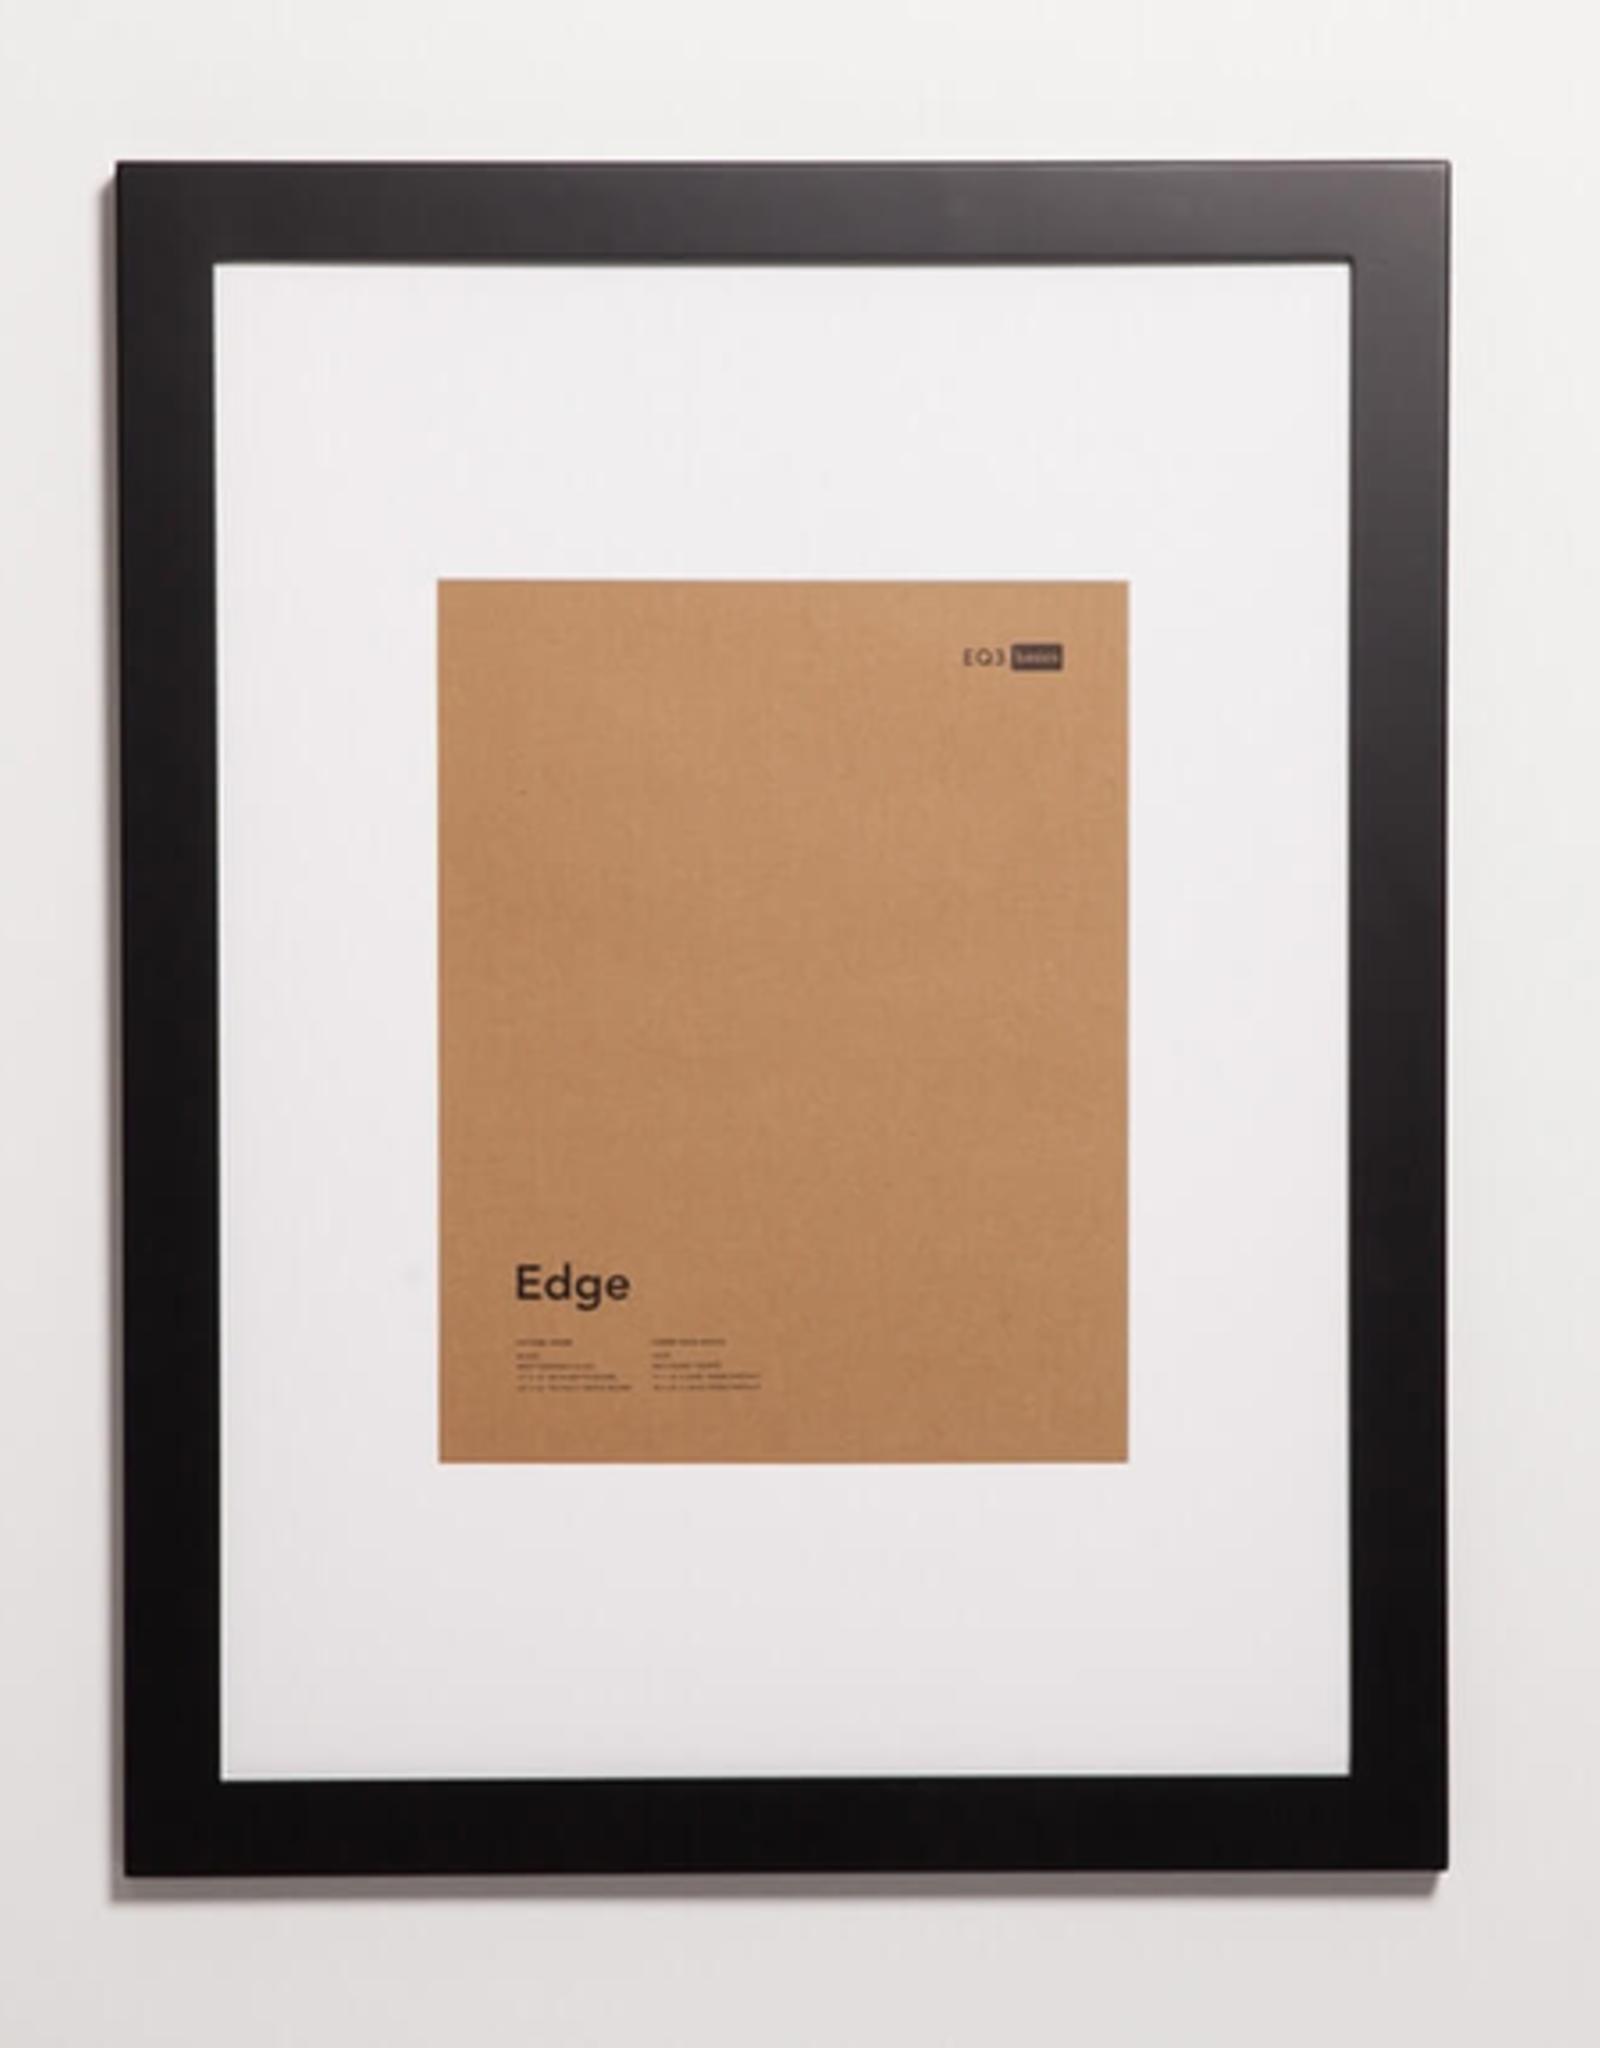 EQ3 Edge Picture Frame-Black Medium